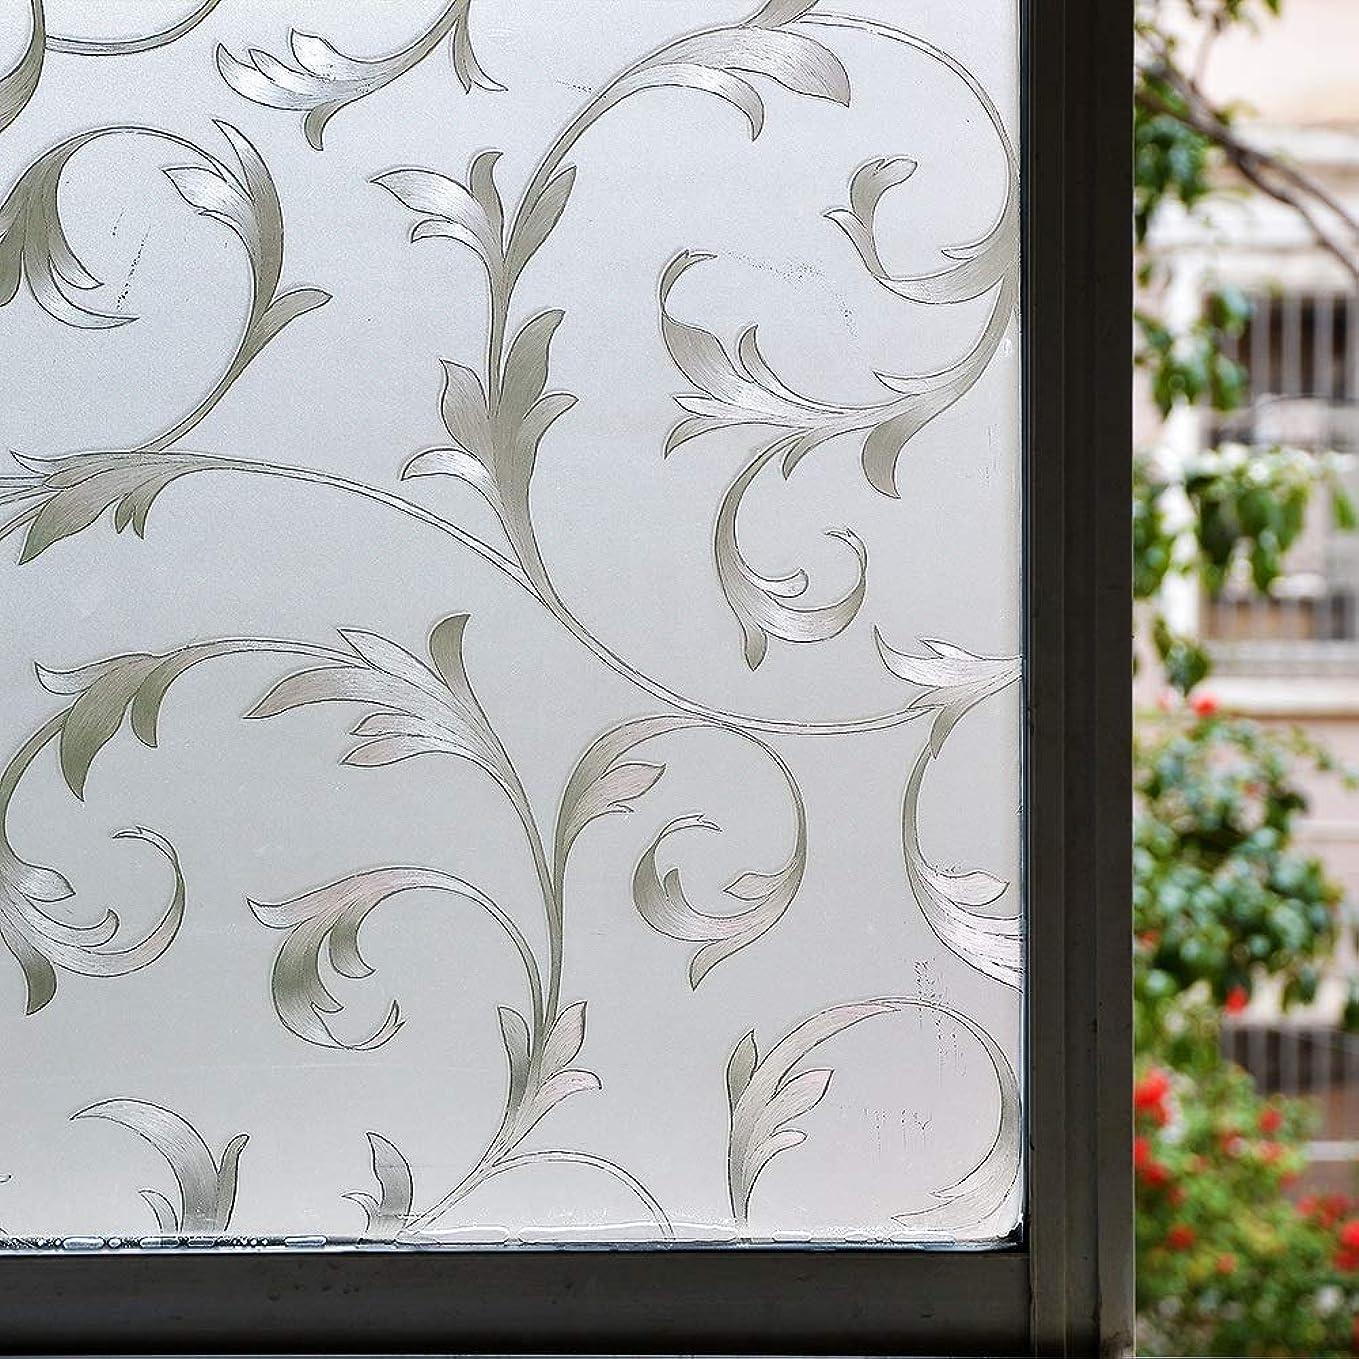 バンジージャンプバランスのとれた見つけた窓用フィルム ノーのり静的装飾プライバシー窓ガラスフィルムの非接着性熱ビニールコントロールアンチ紫外線吸収ガラスのステッカー HYFJP (Color : 1, Size : 60 x 100 Cm)